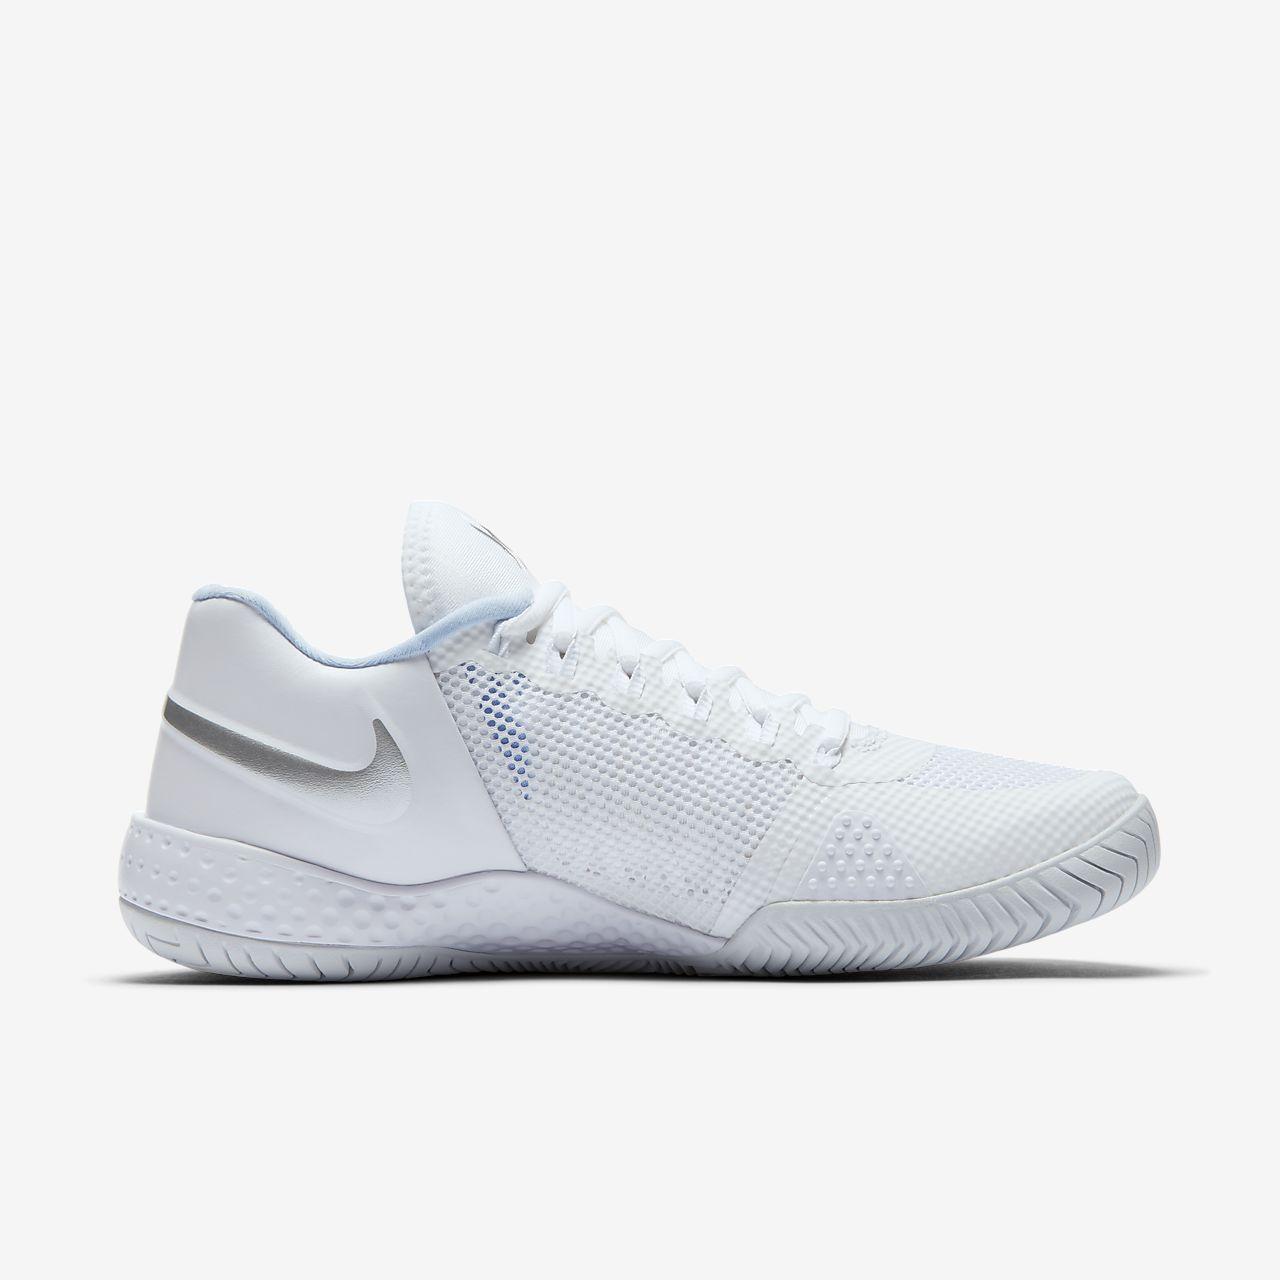 Femme De Pour Tennis Flare Chaussure Dure Nikecourt Surface 2 cTF1JKul3